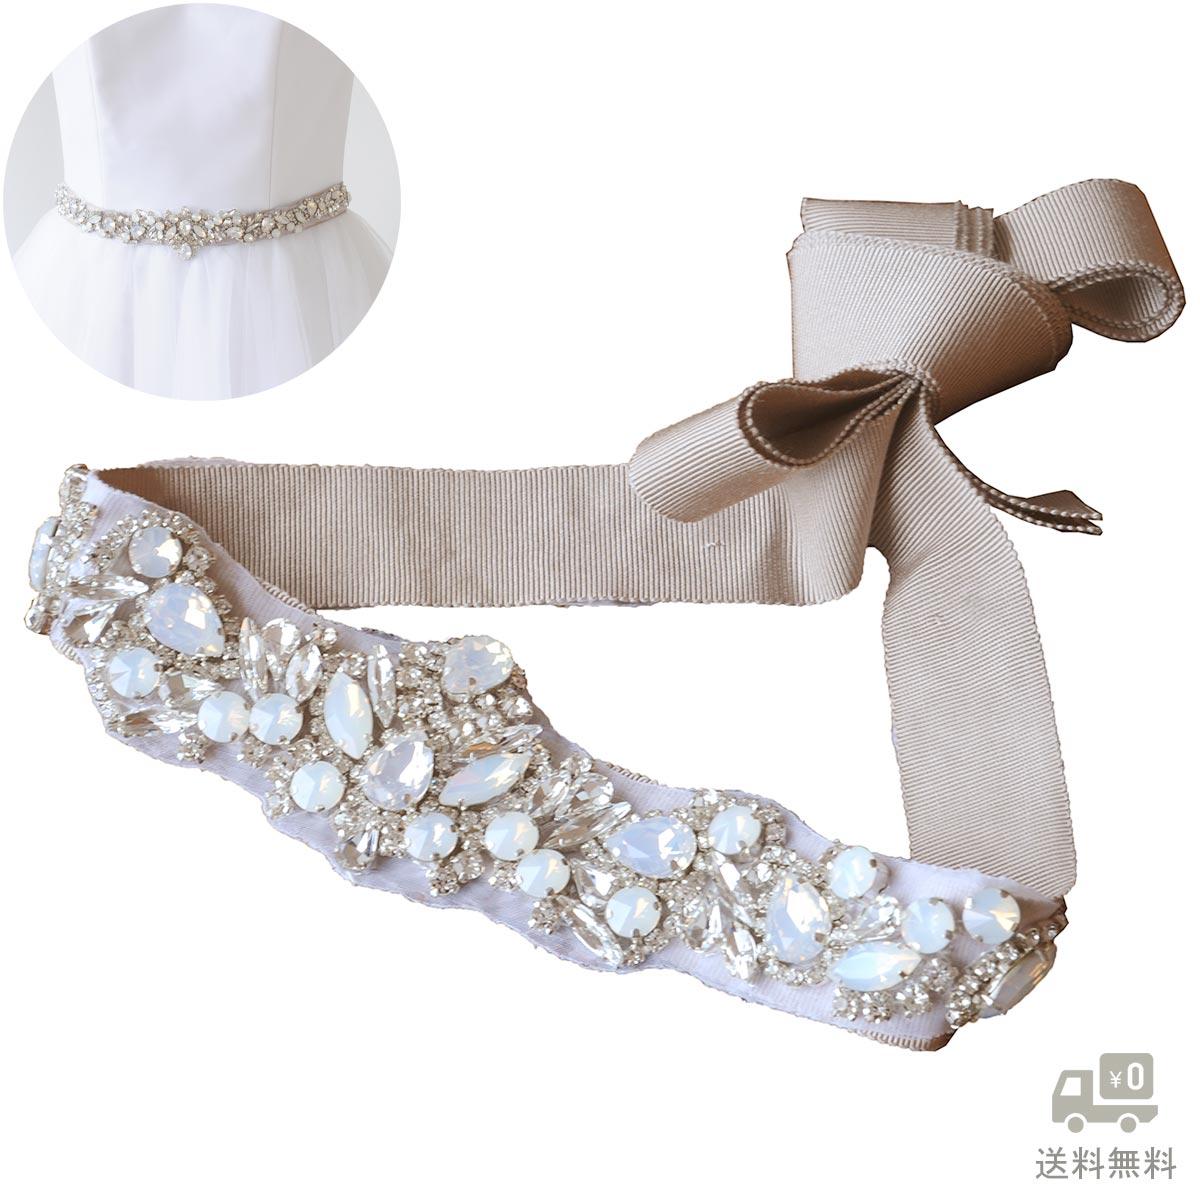 【年末SALE20%OFF】サッシュベルト ウエディング ビジューベルト リボン 乳白色クリスタル (ウエディングドレス アレンジ ブライダル パーティー小物)ドレスベルト[B306]【送料無料】